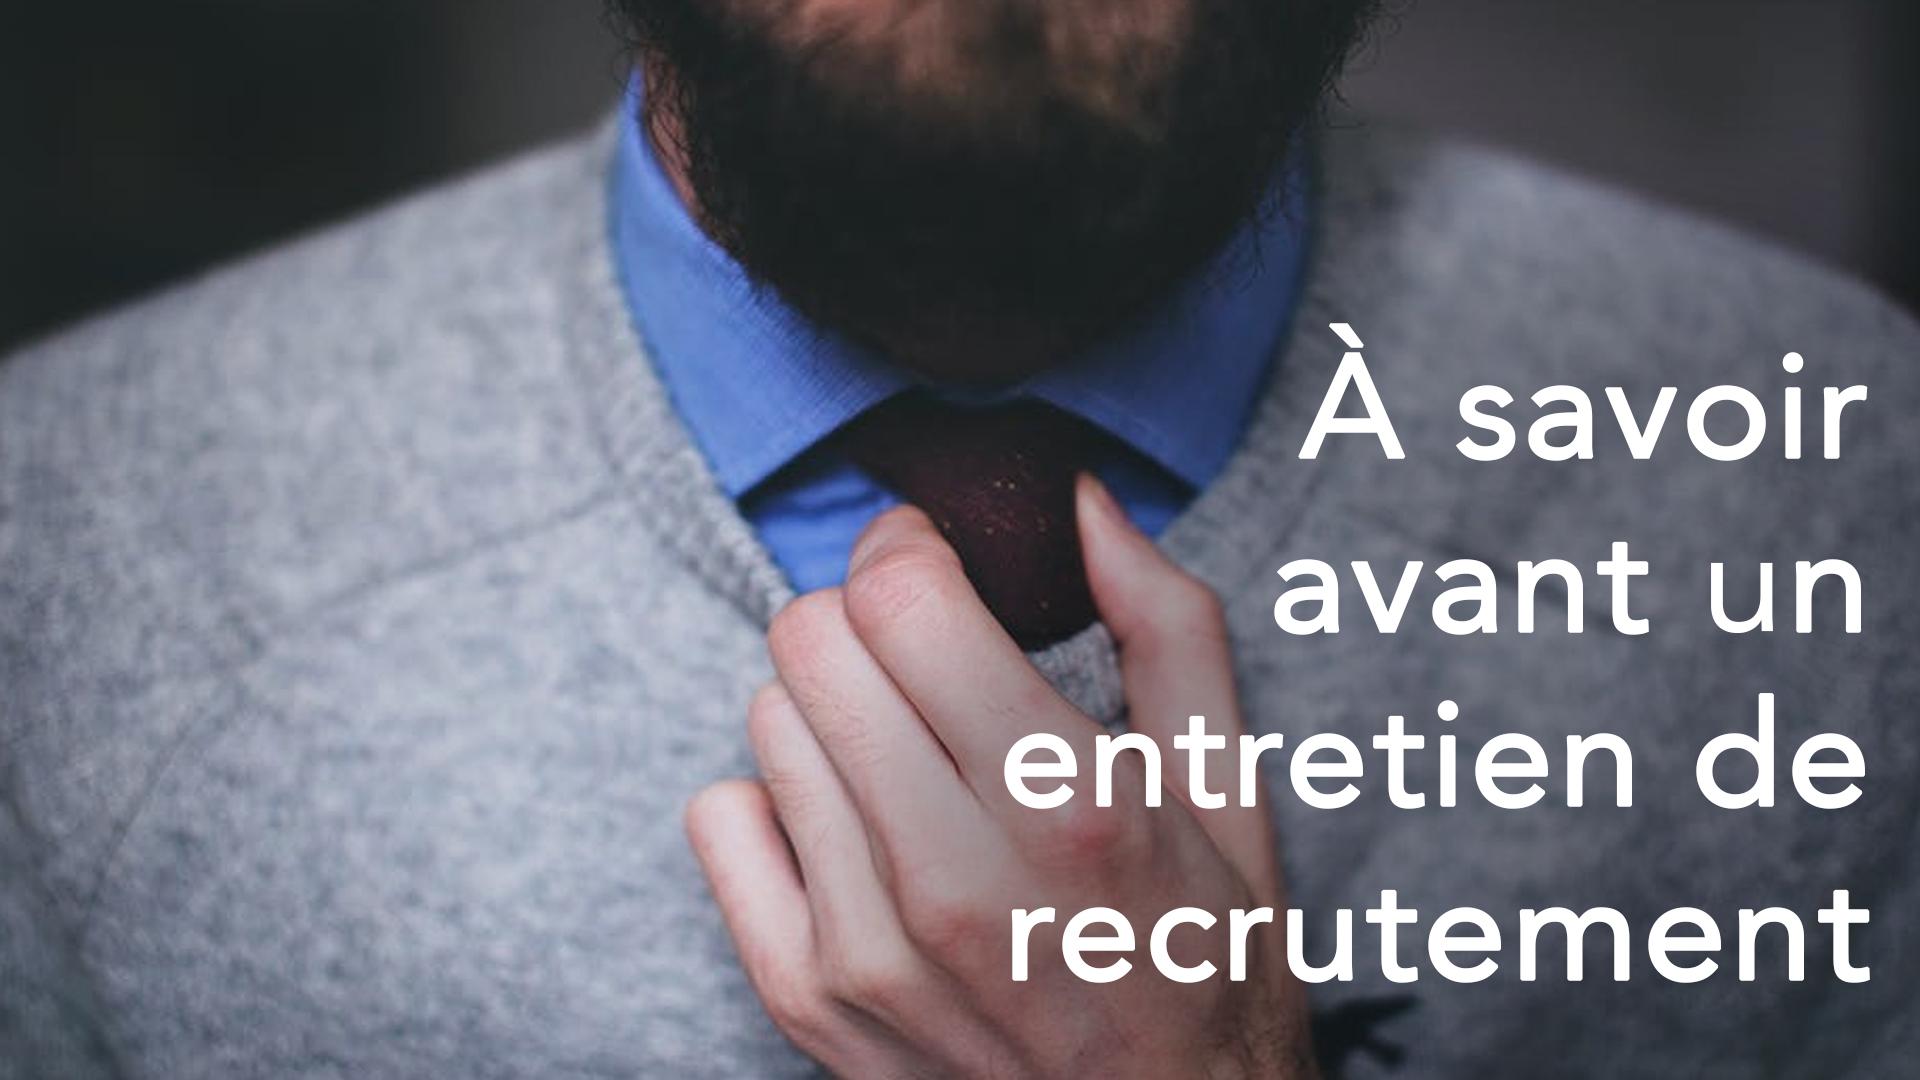 À savoir avant un entretien de recrutement